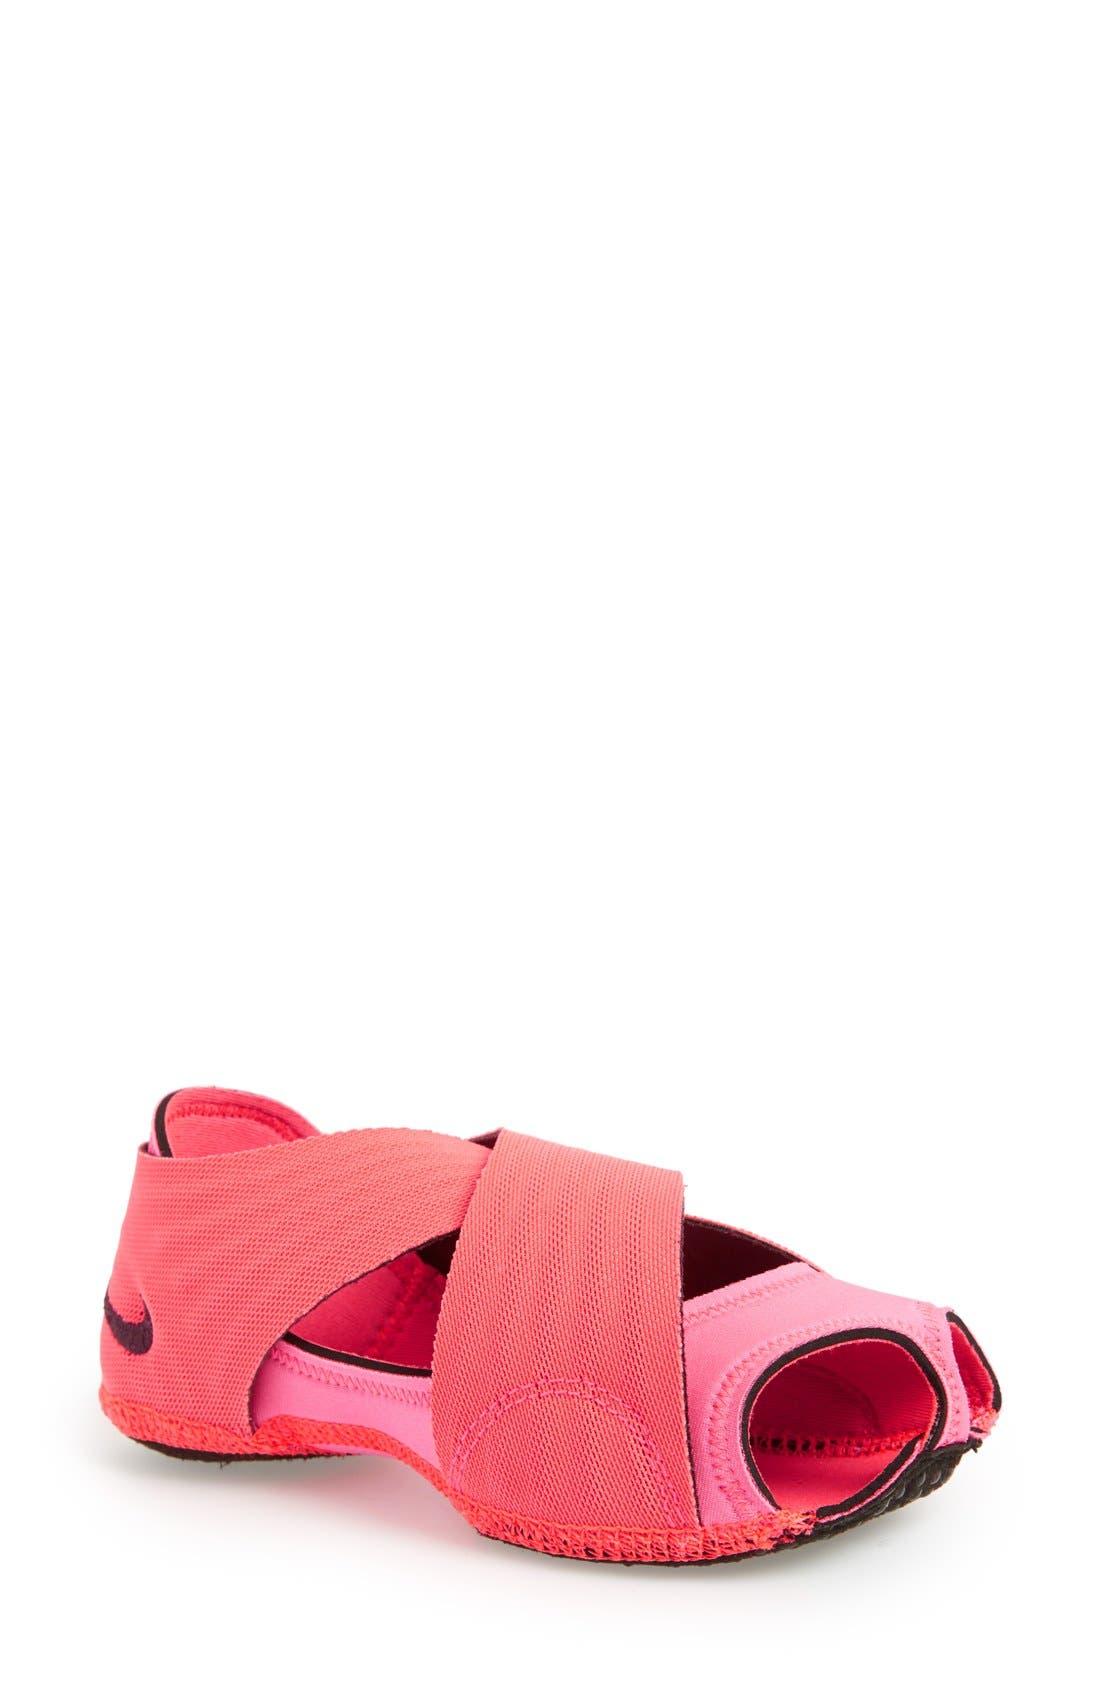 NIKE,                             'Studio Mid Pack' Yoga Training Shoe,                             Alternate thumbnail 2, color,                             930